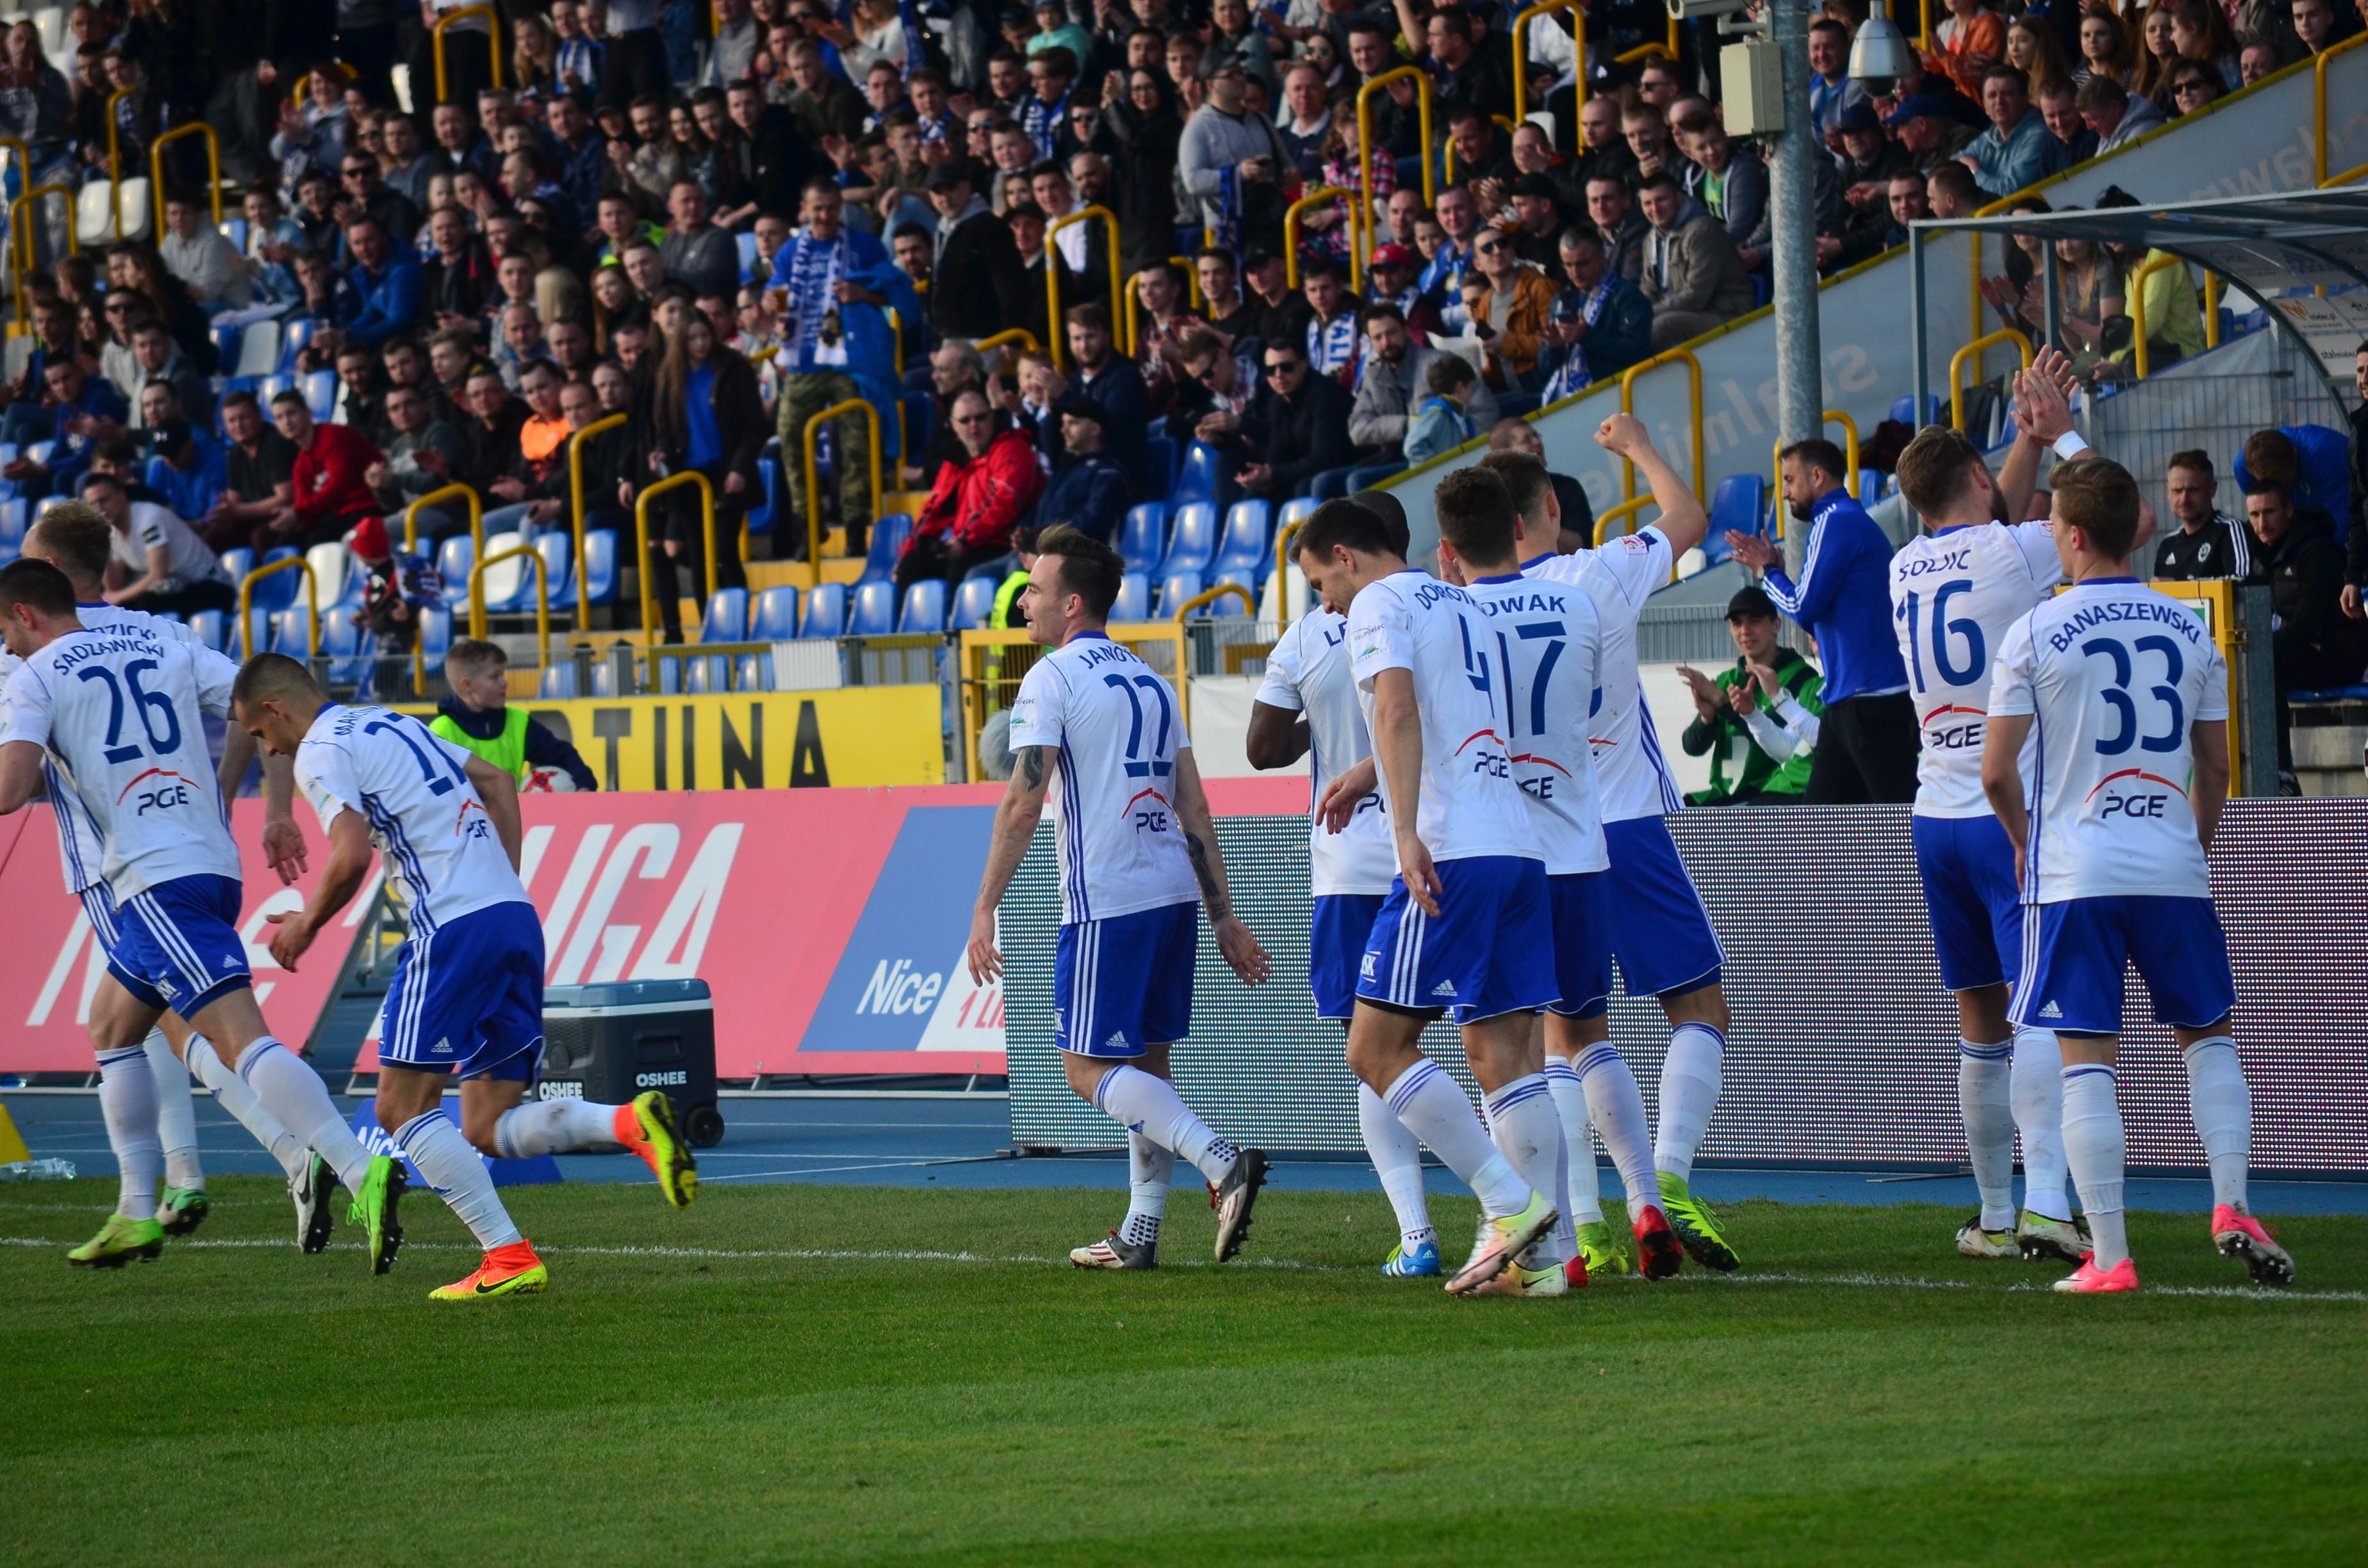 Sportowe podsumowanie jesieni w FKS Stal Mielec [RAPORT] - Zdjęcie główne